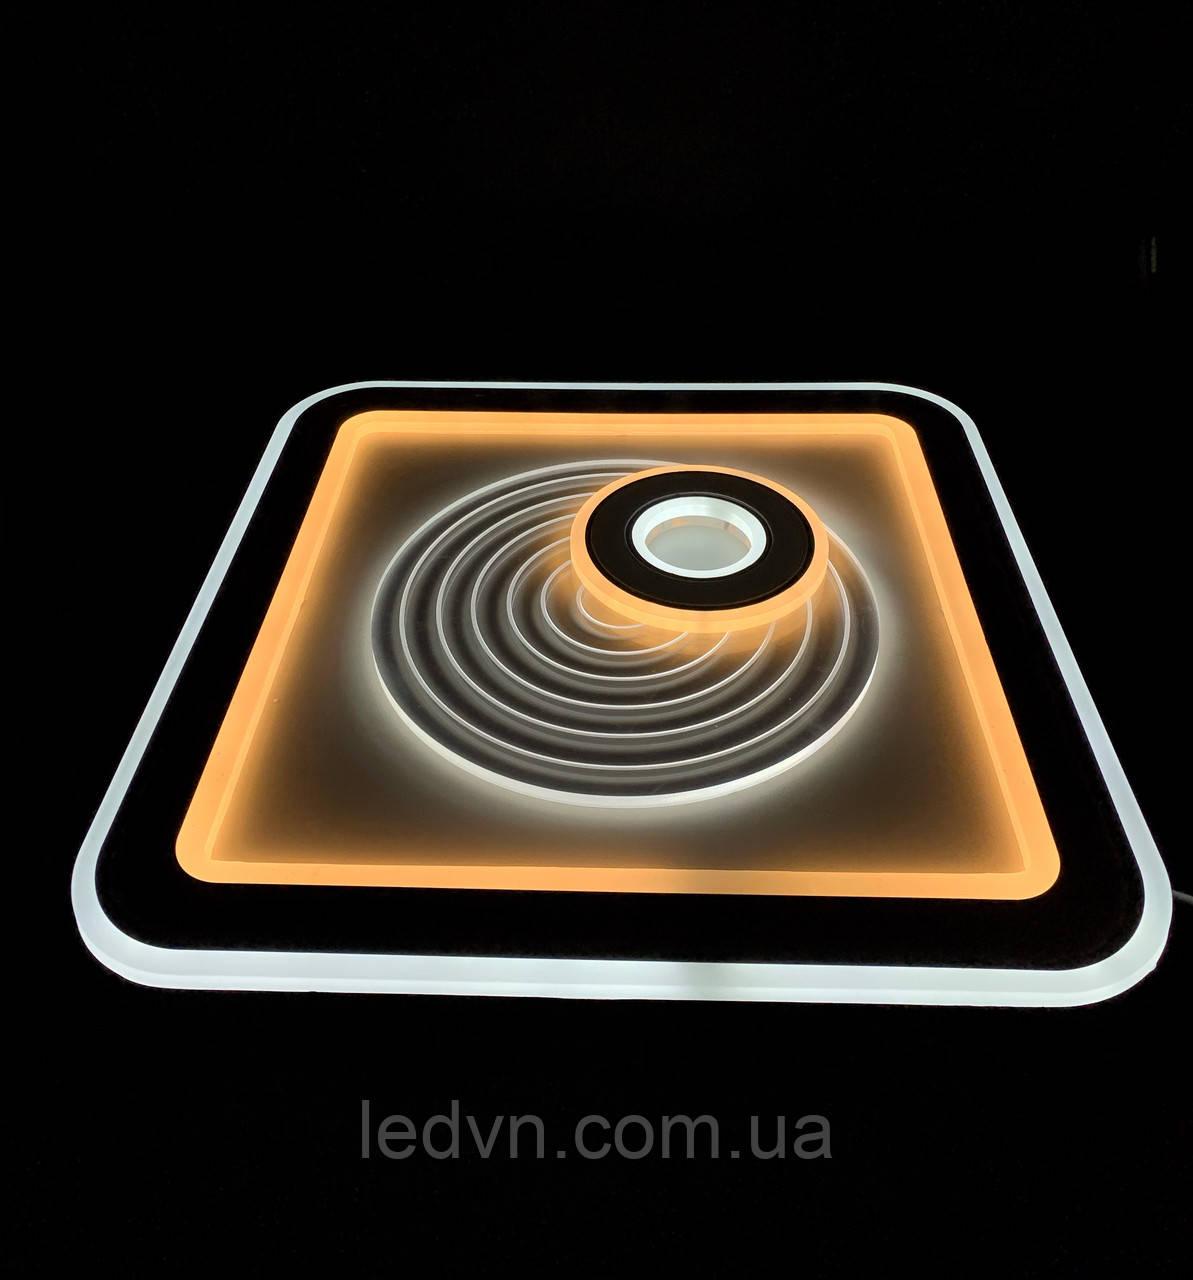 Светодиодный потолочный светильник квадрат 115 ватт